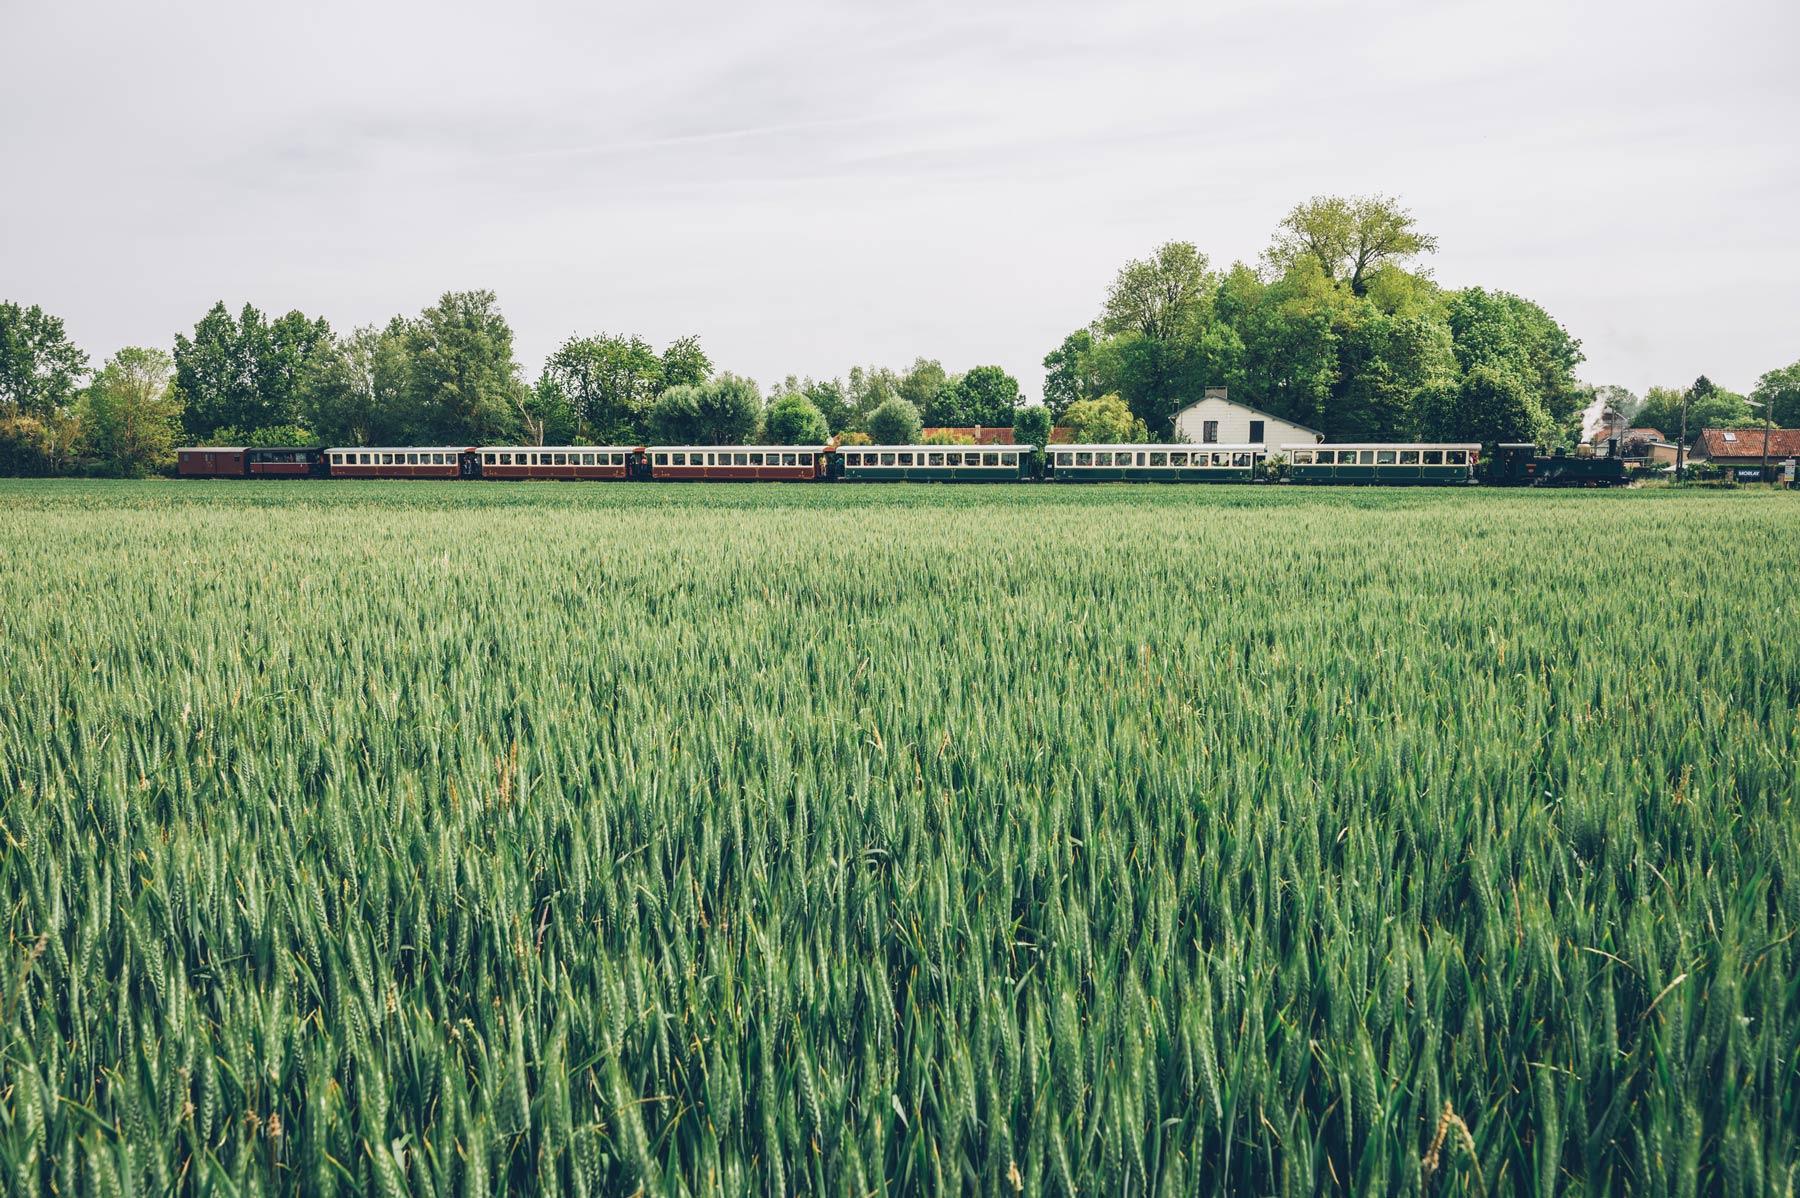 Train à vapeur, Baie de Somme